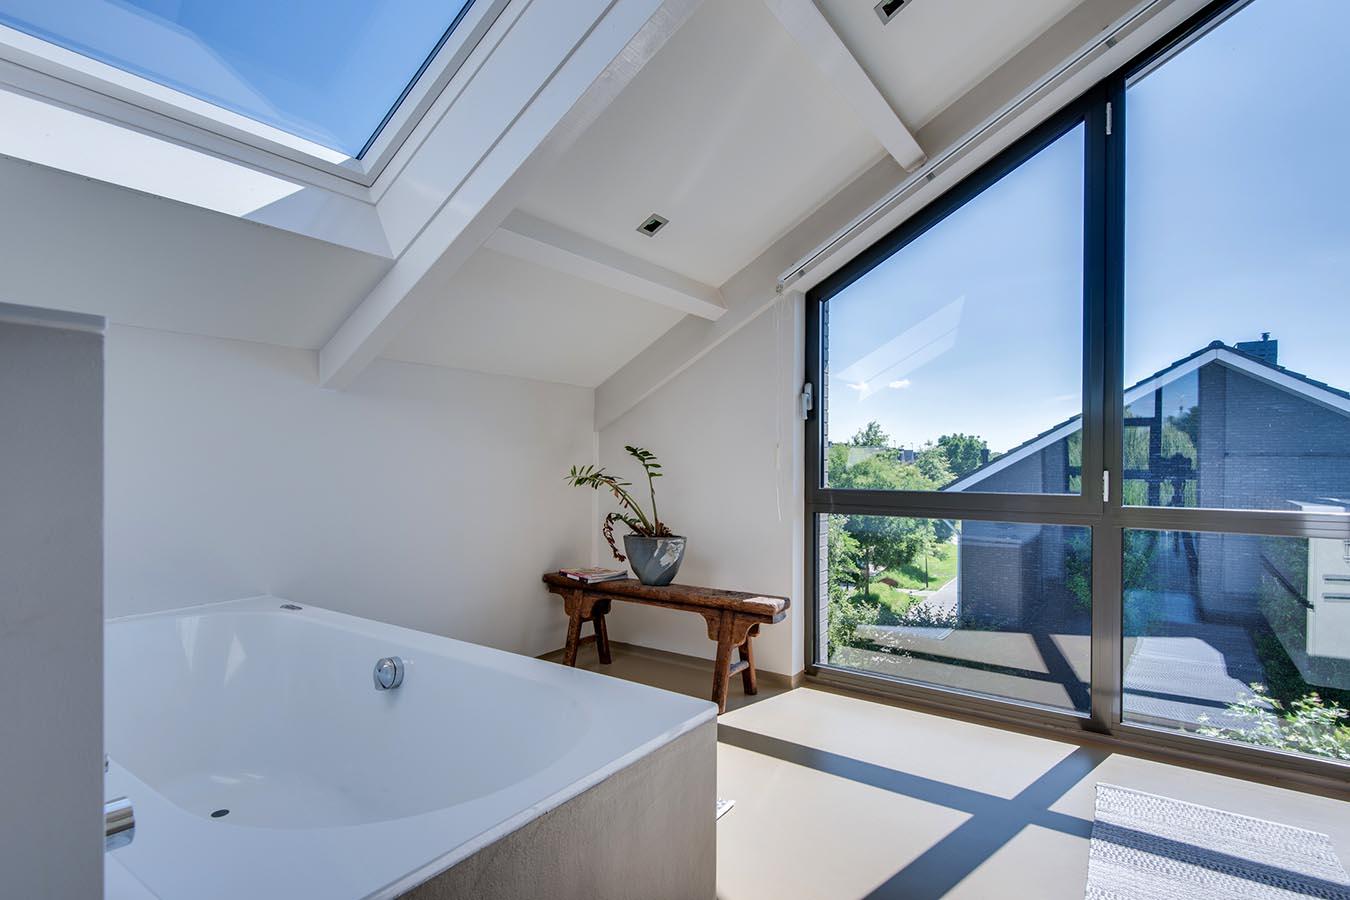 Badkamer met luxe bad